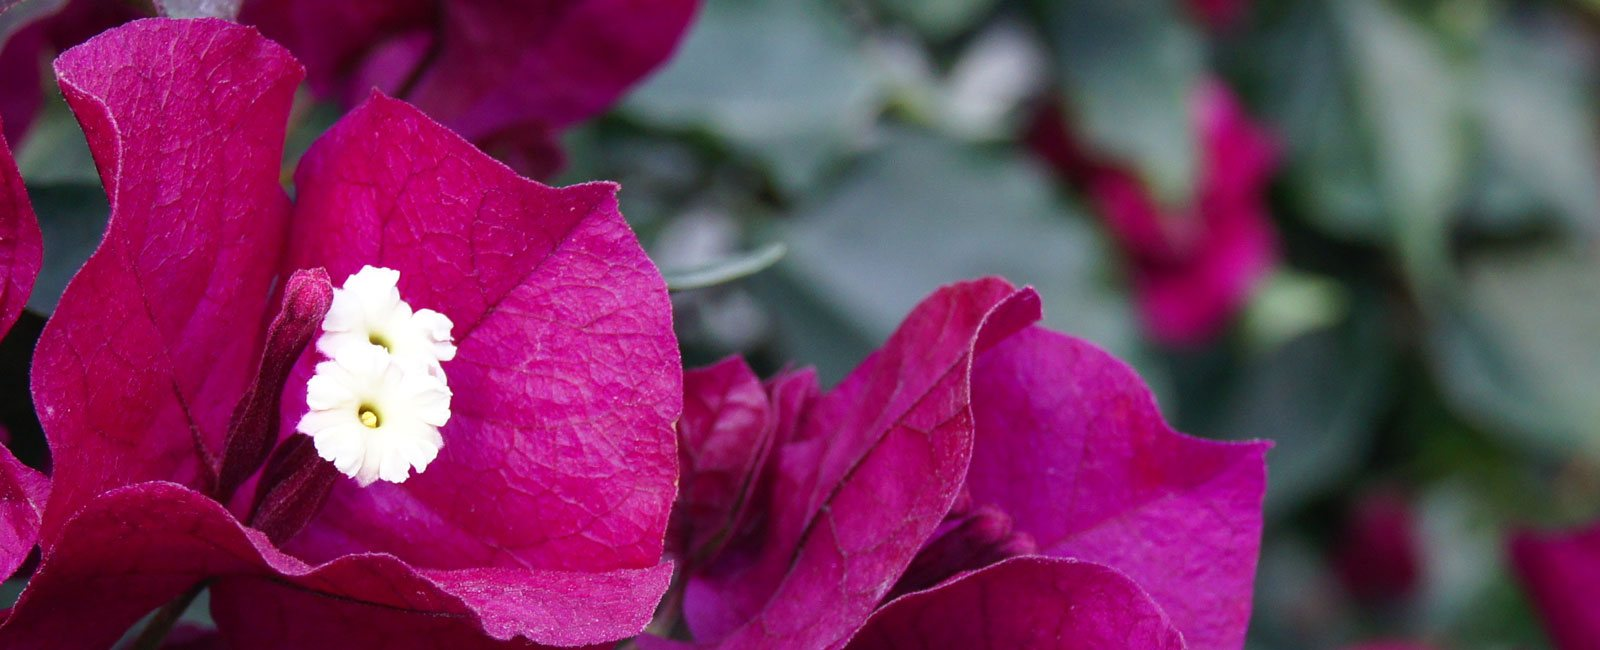 flores-de-bougainvillea